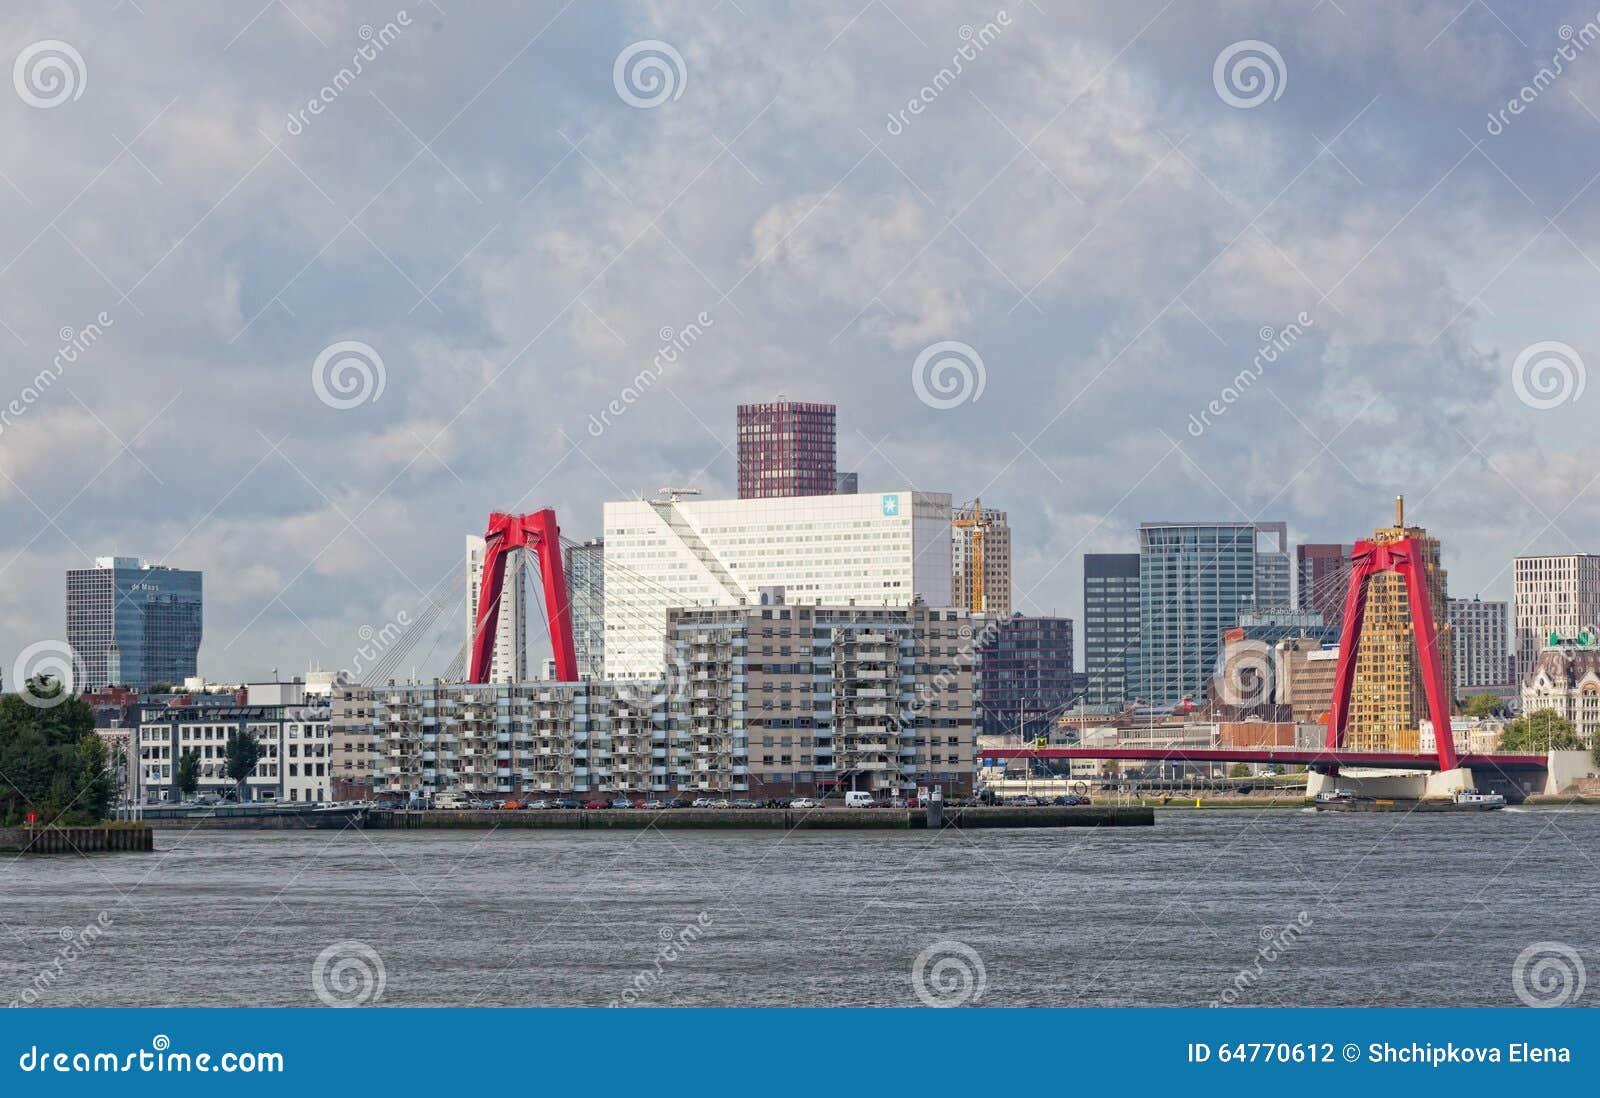 Staden beskådar Rotterdam